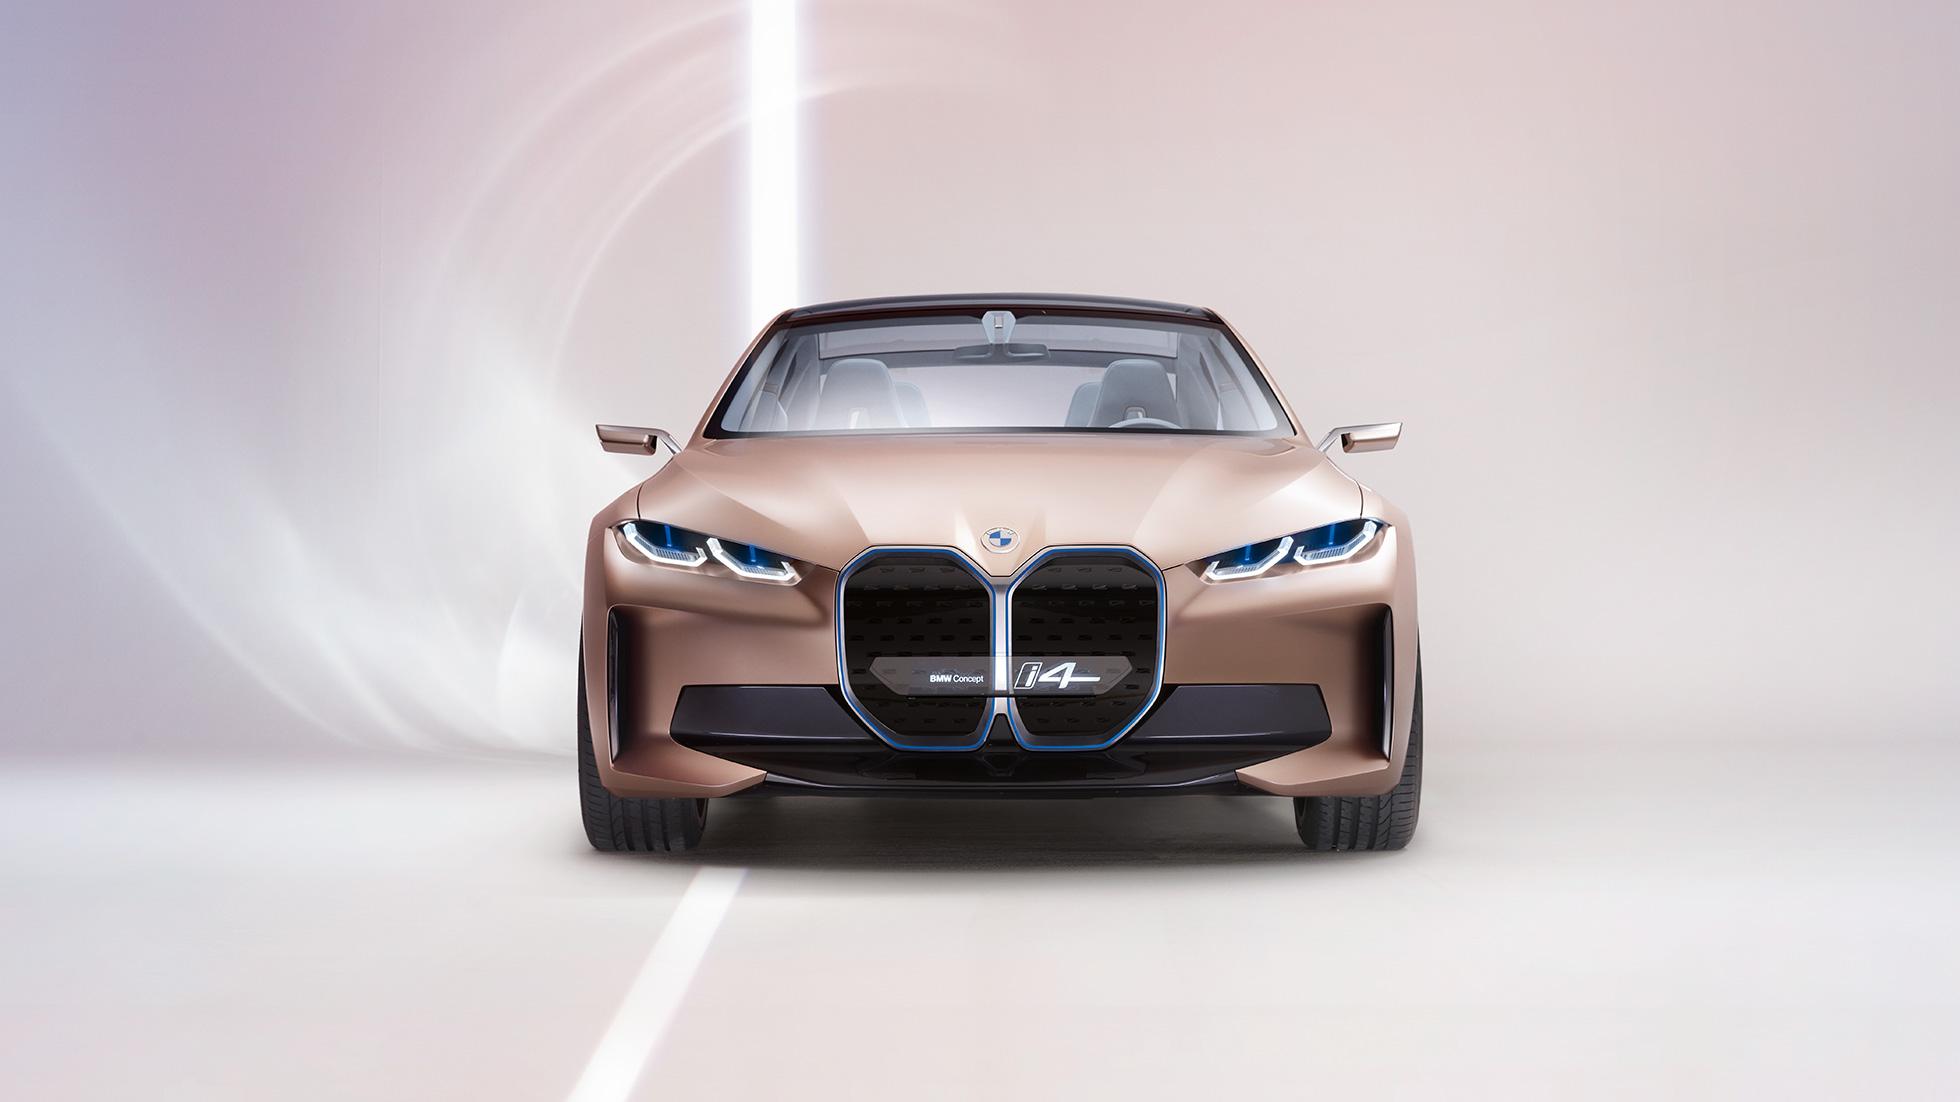 Bmw Concept I4 Concept Cars Bmw Ie